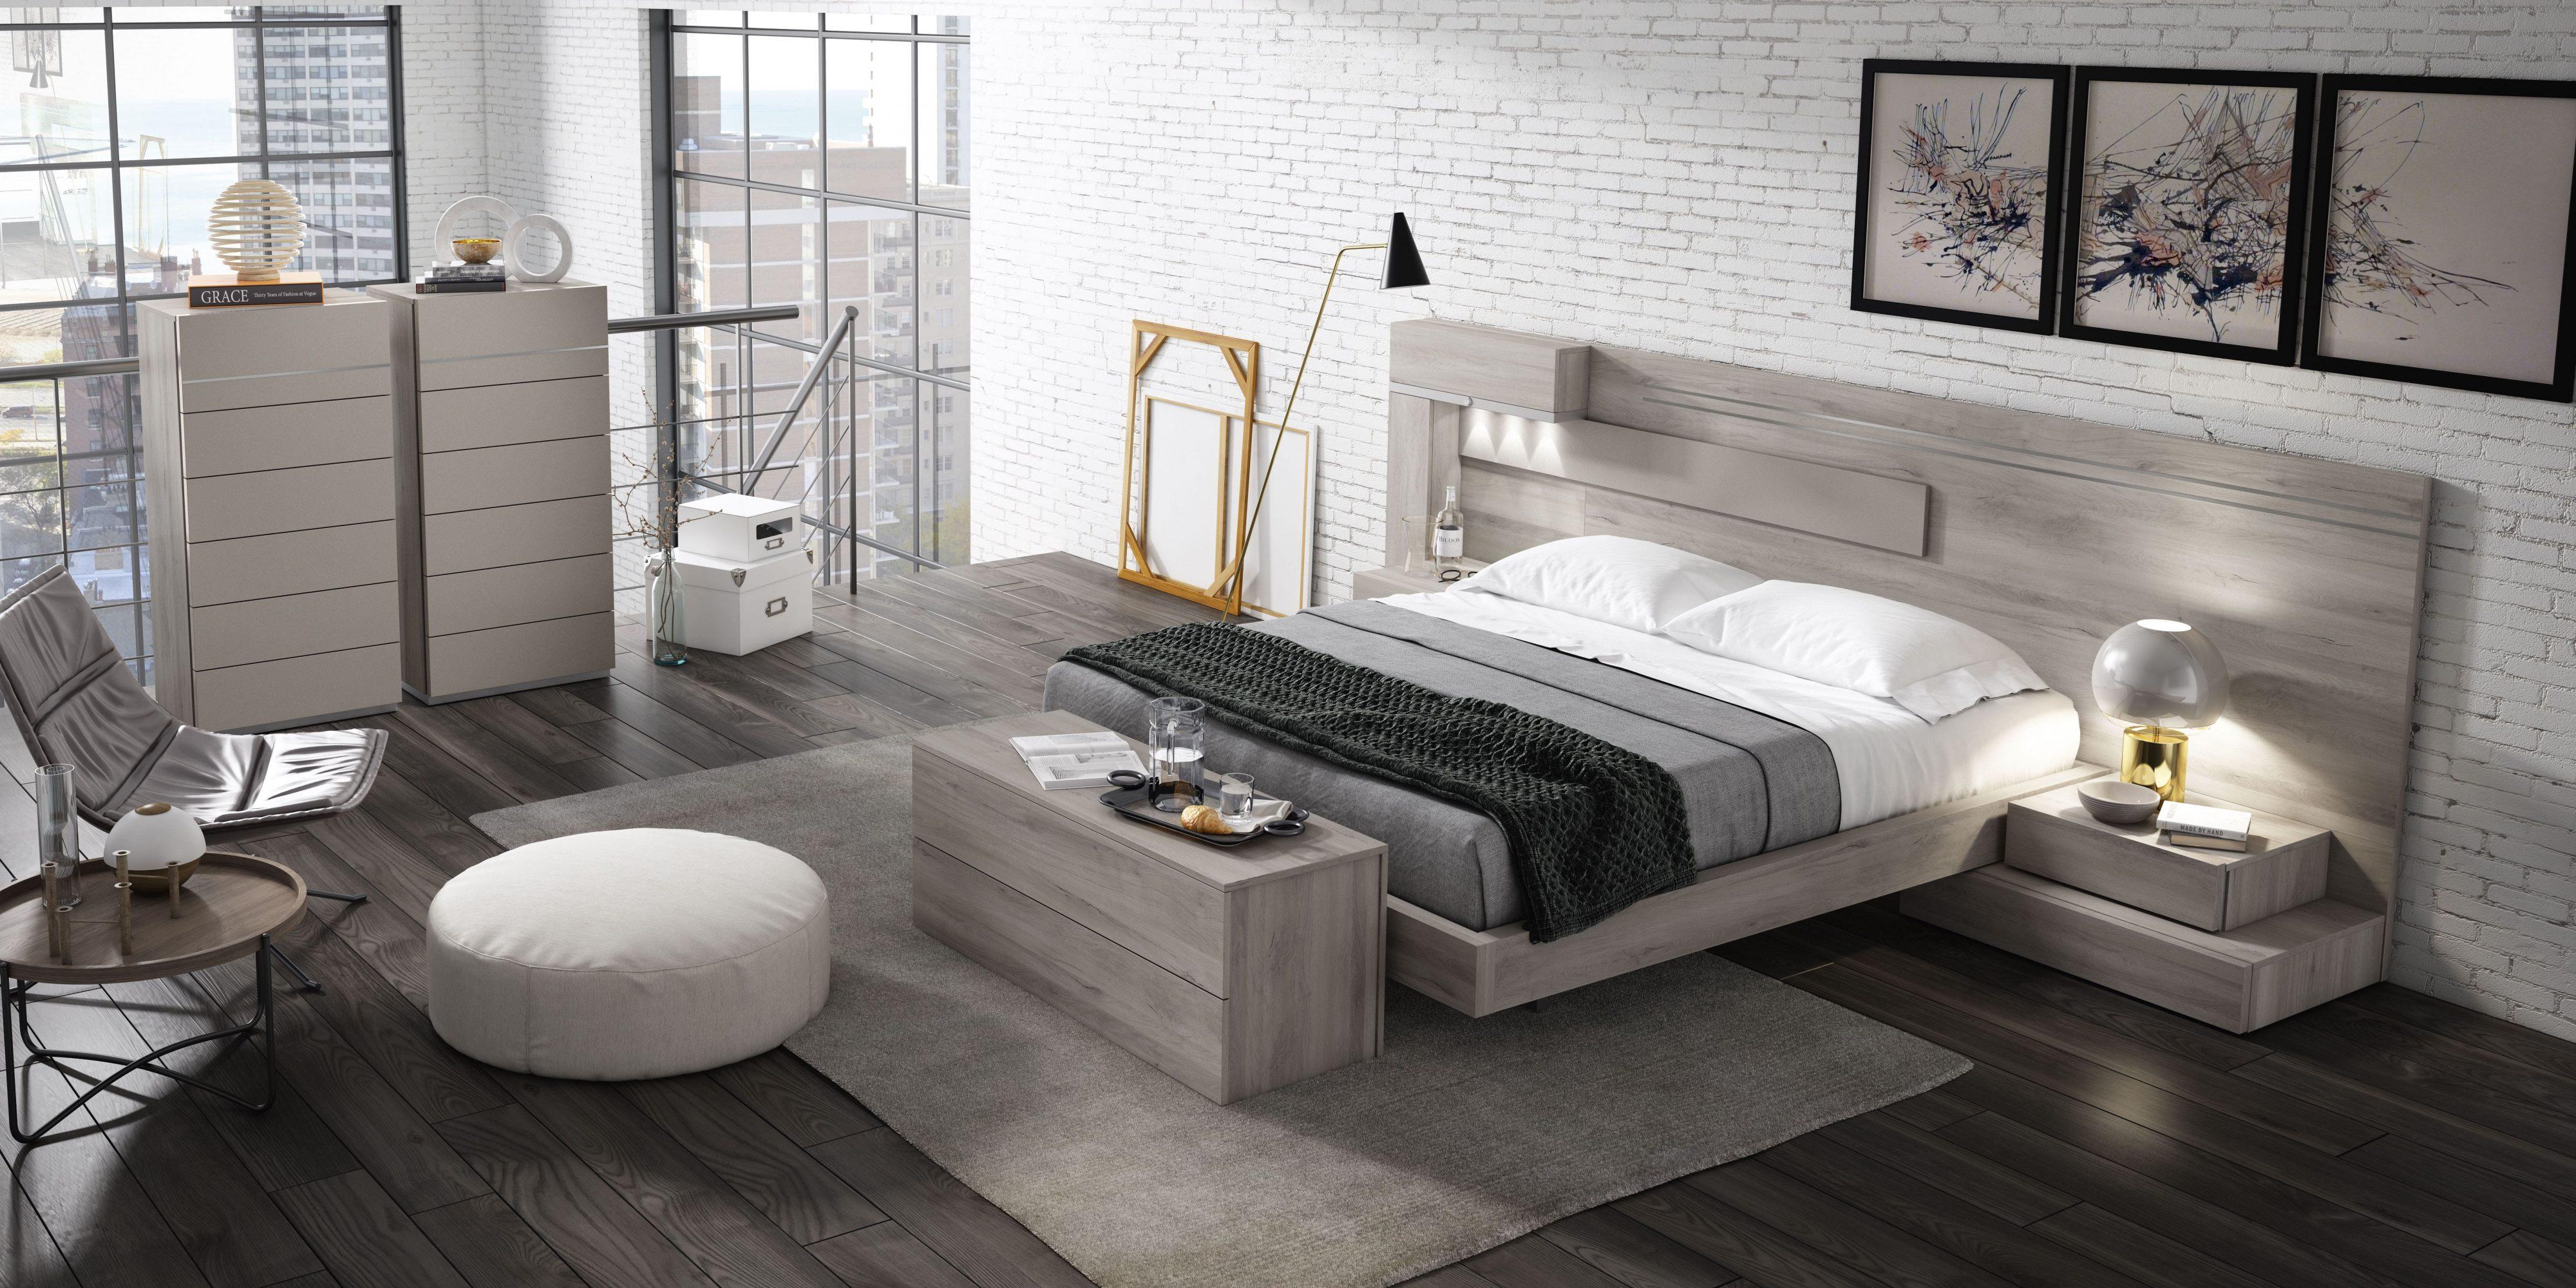 Dormitorio matrimonio con detalle de apertura en cabecero, con sus prácticos estantes totalmente integrados